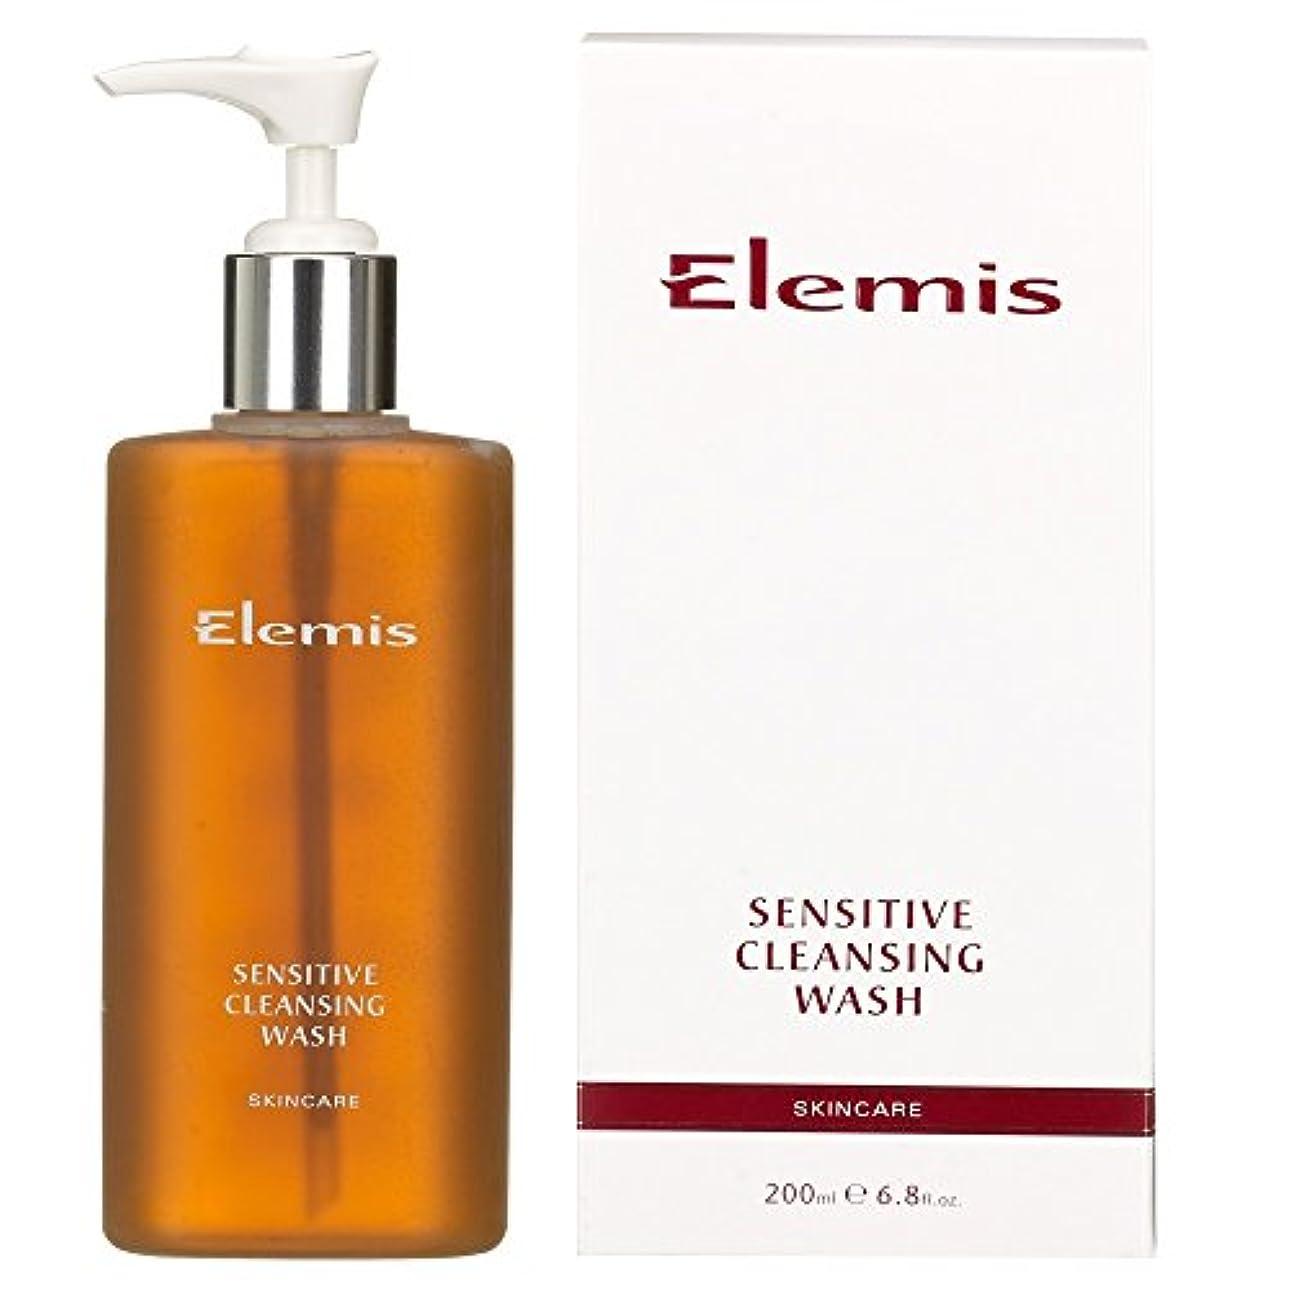 コールド兵器庫集めるエレミスは敏感クレンジングウォッシュをスキンケア (Elemis) (x2) - Elemis Skincare Sensitive Cleansing Wash (Pack of 2) [並行輸入品]